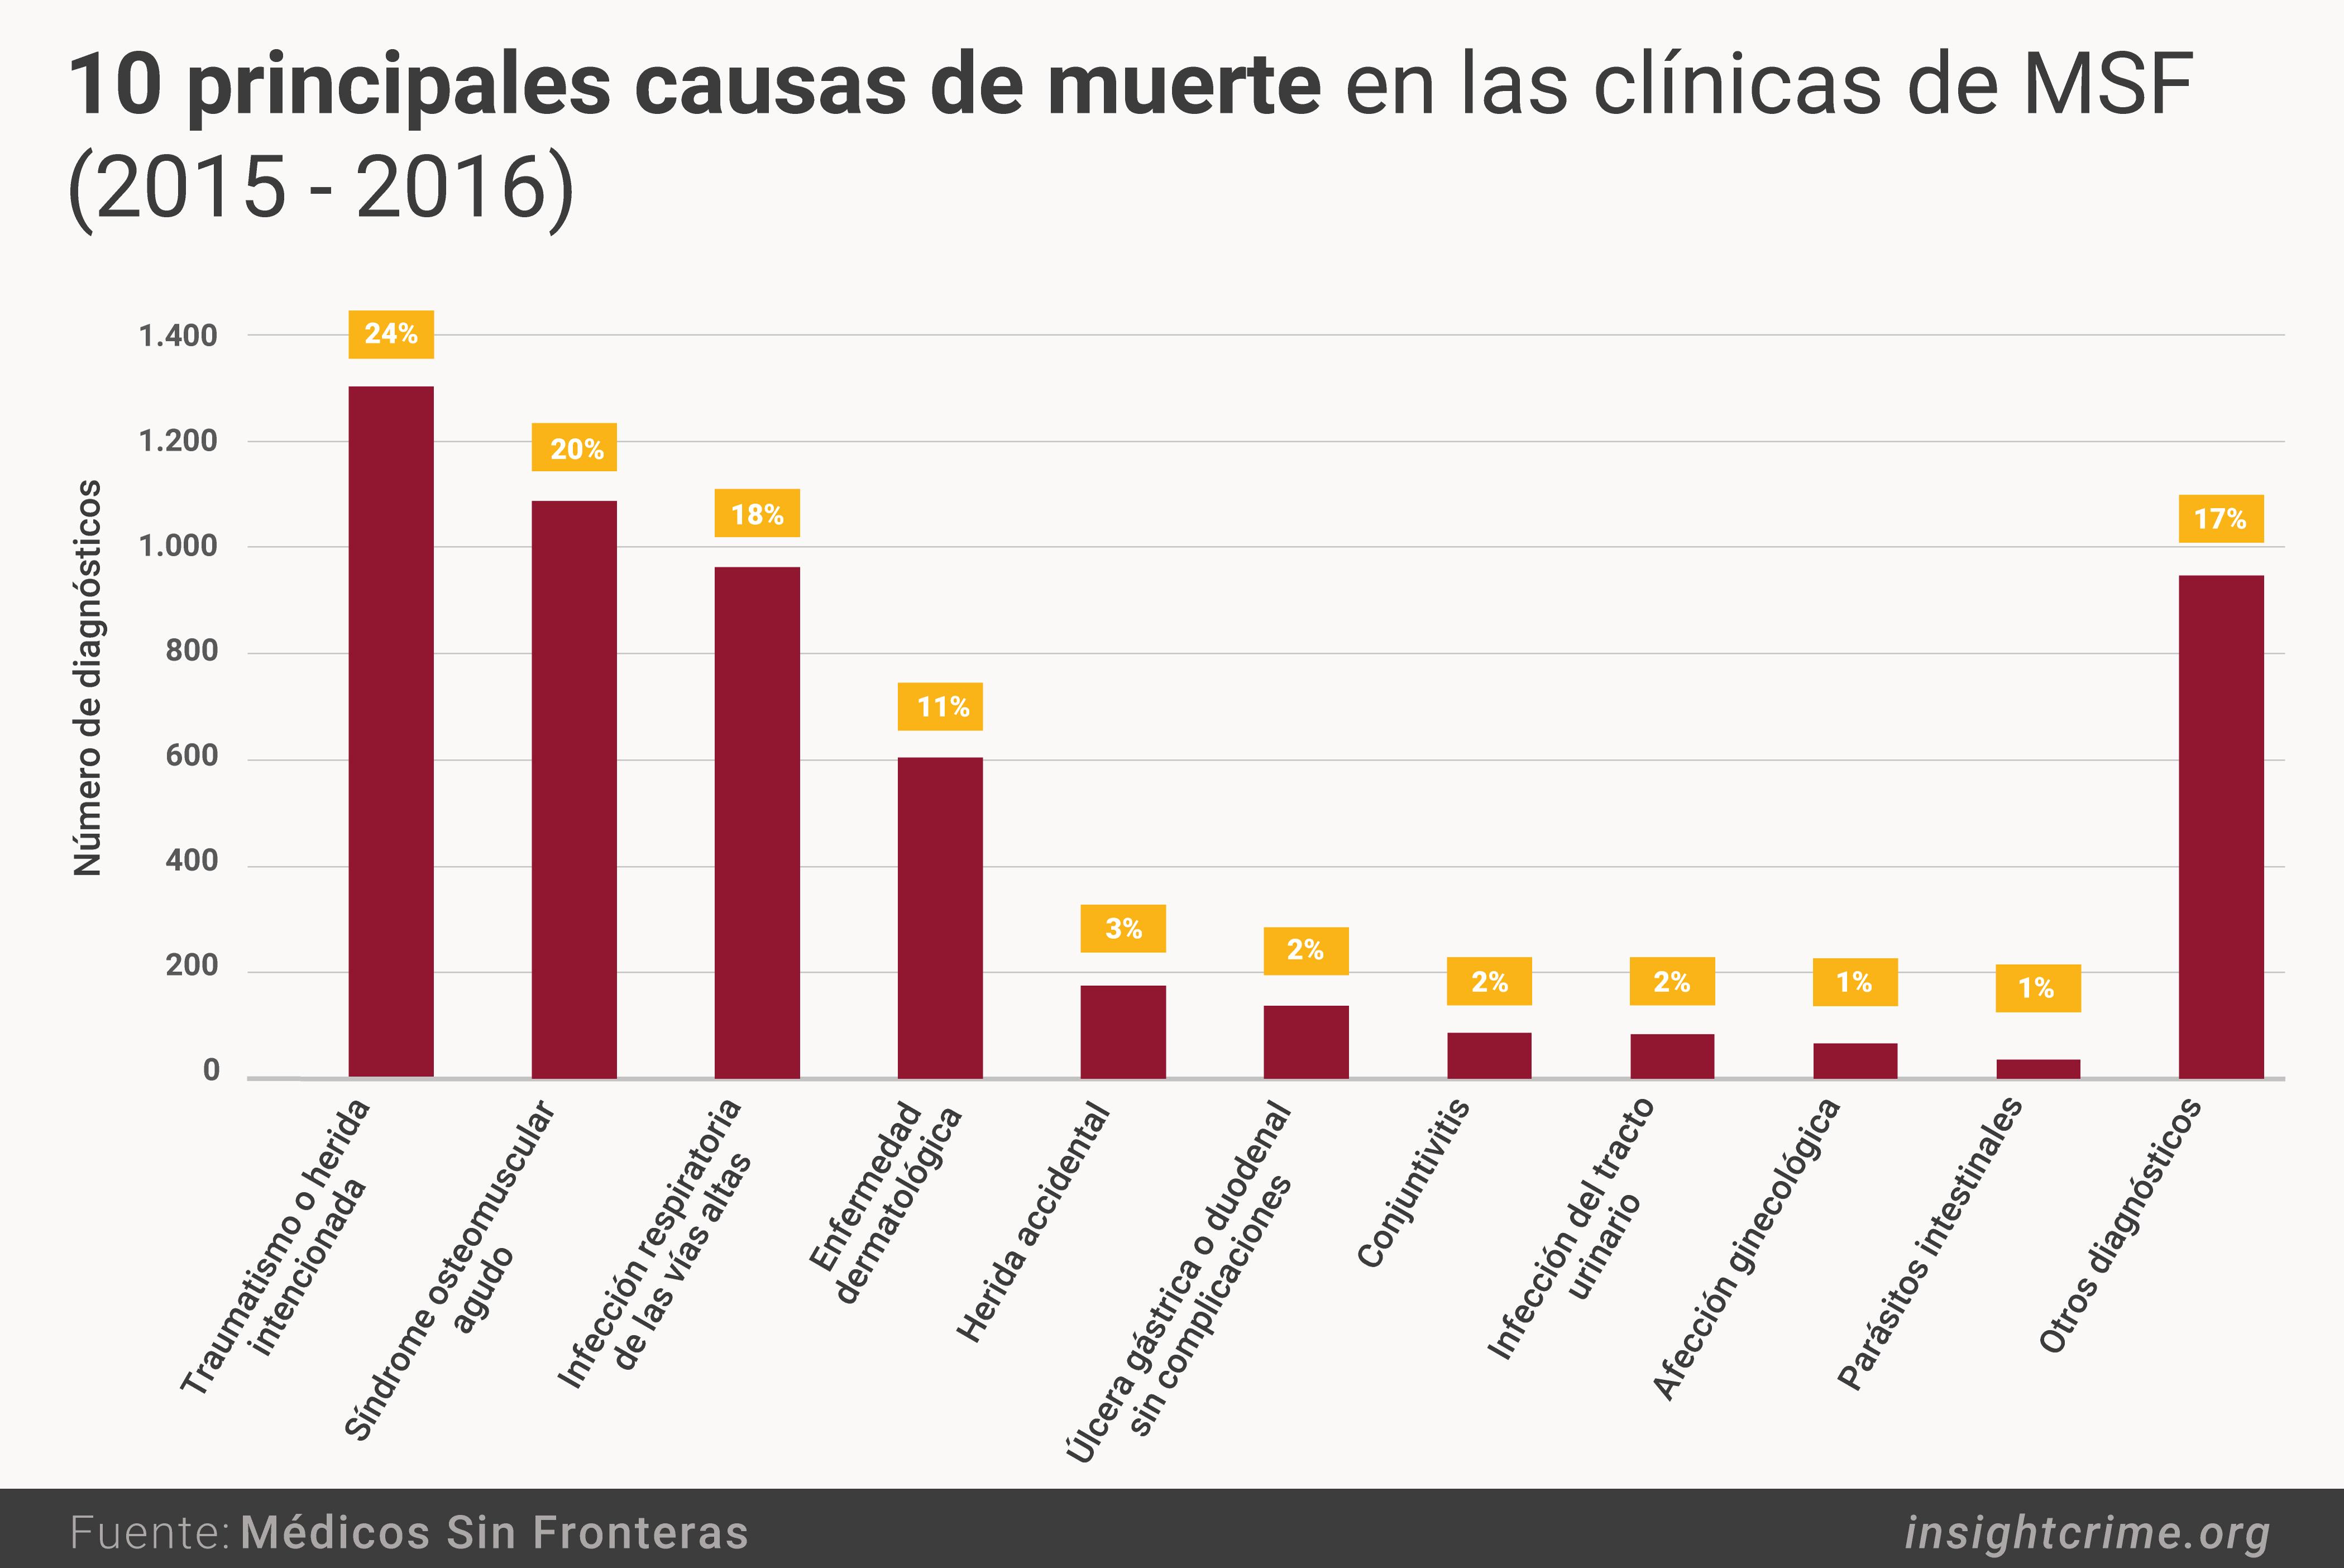 10 principales causas de muerte en las clinicas de MSF 2015 2016